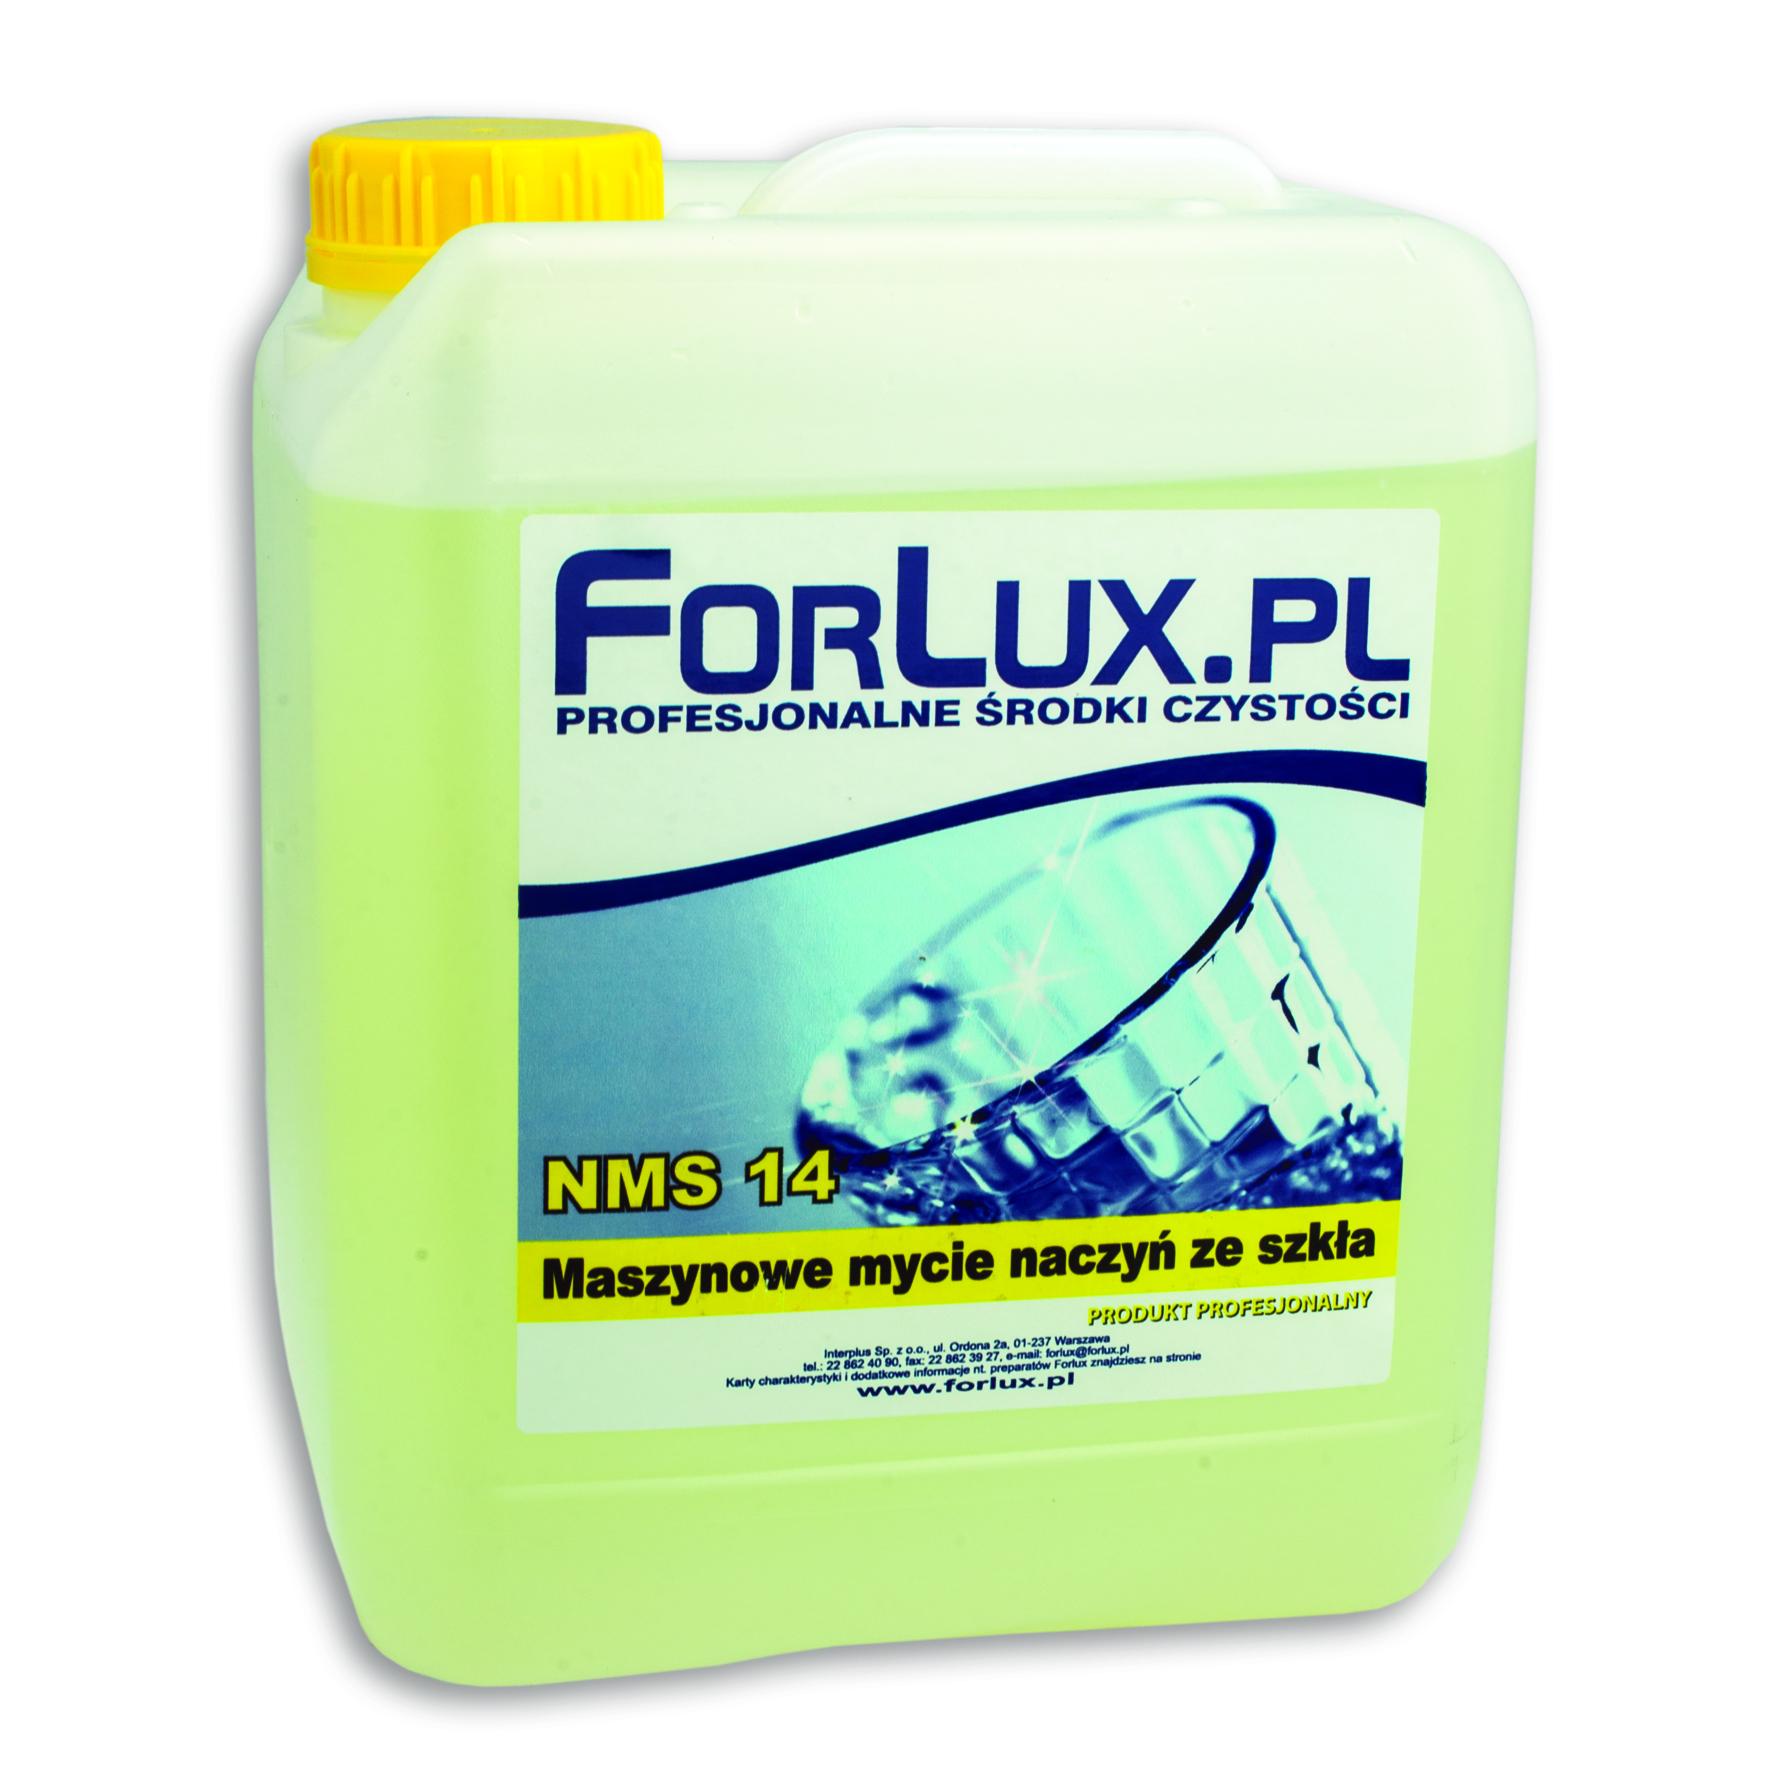 FORLUX NM 014 Maszynowe mycie naczyń